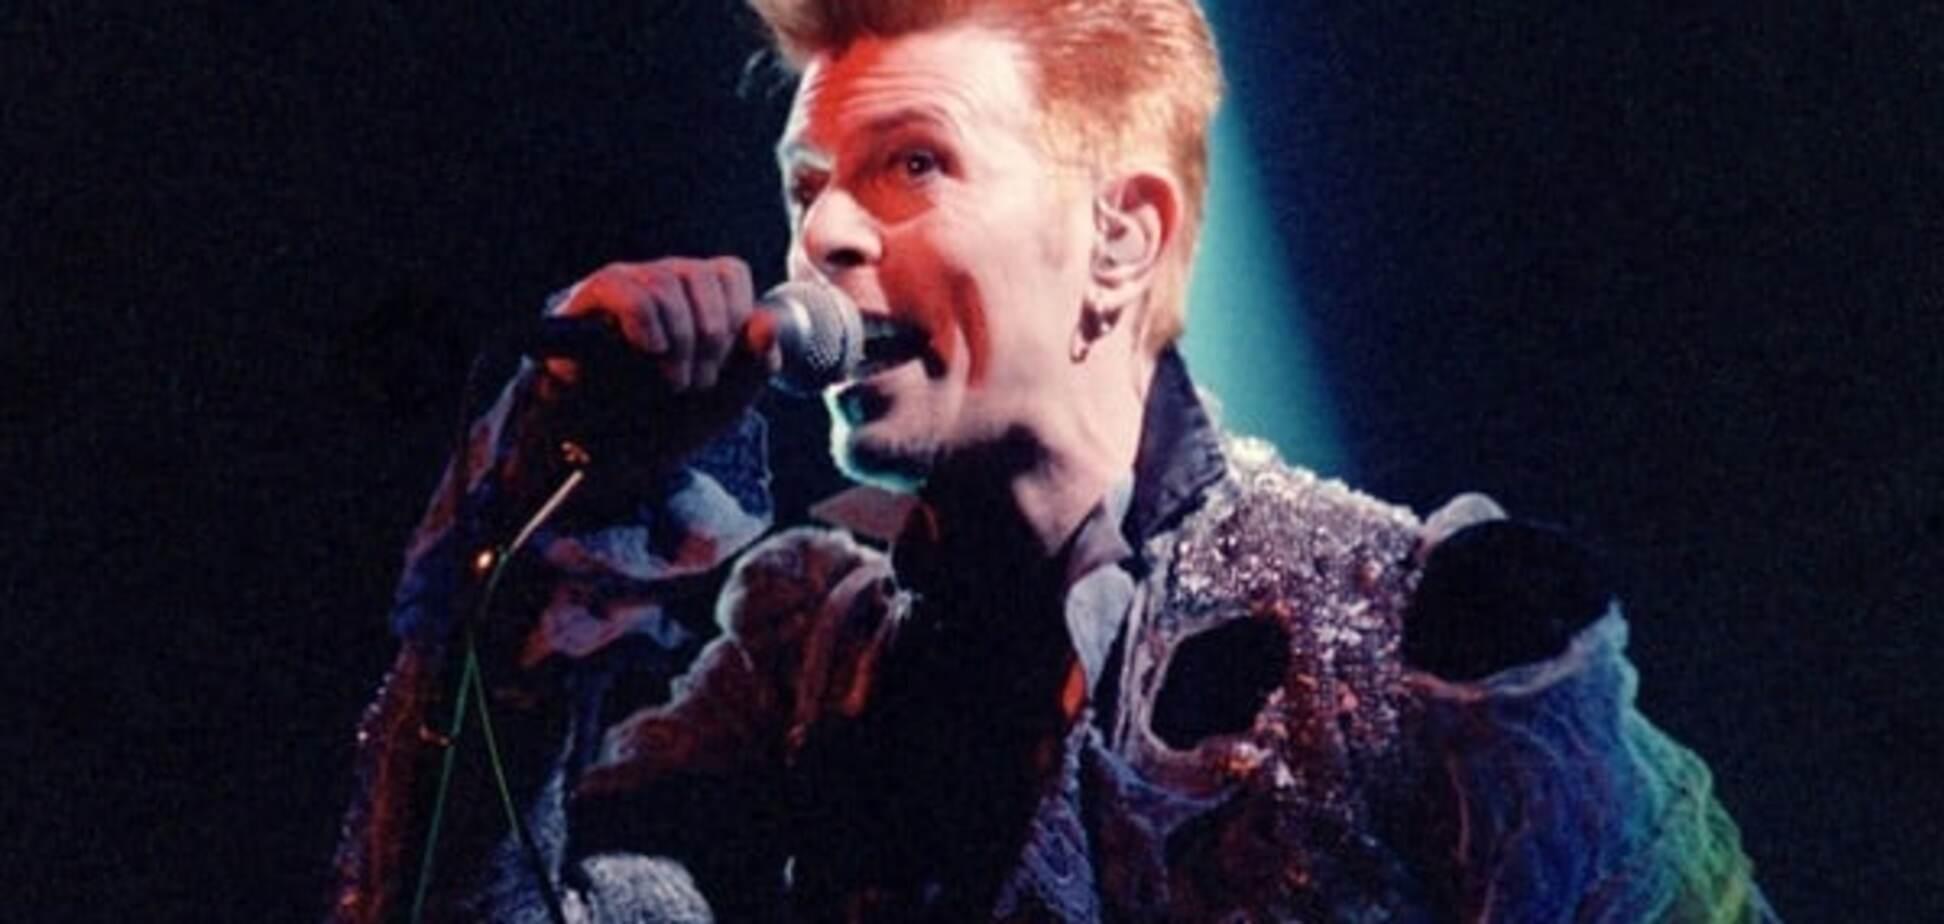 Фанаты ждут: после смерти Дэвида Боуи издадут его новые песни